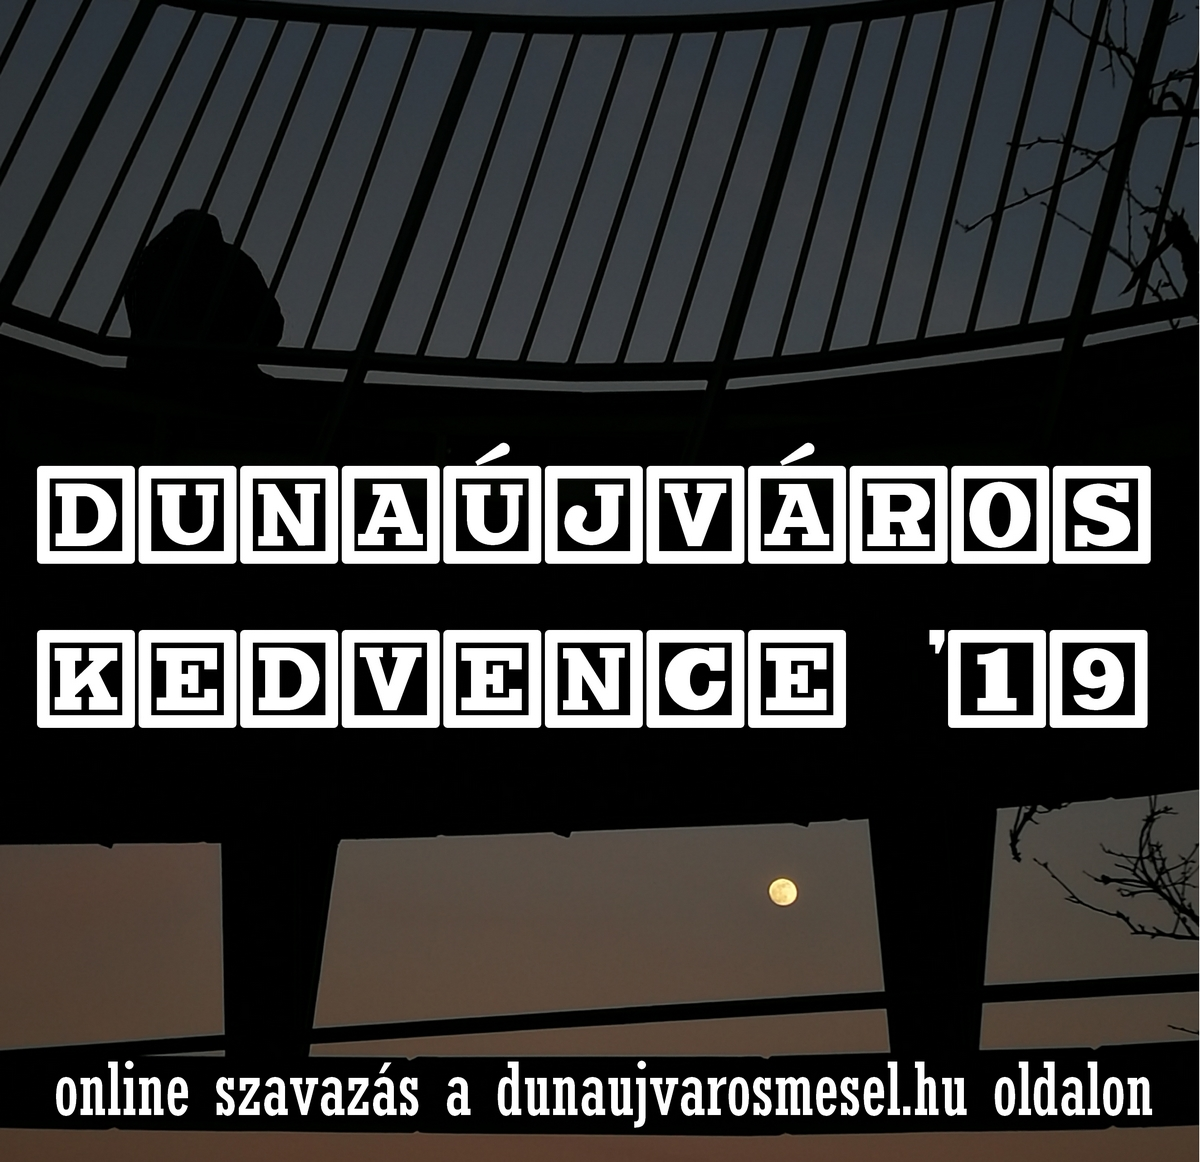 Dunaújváros Kedvence 2019 – első forduló